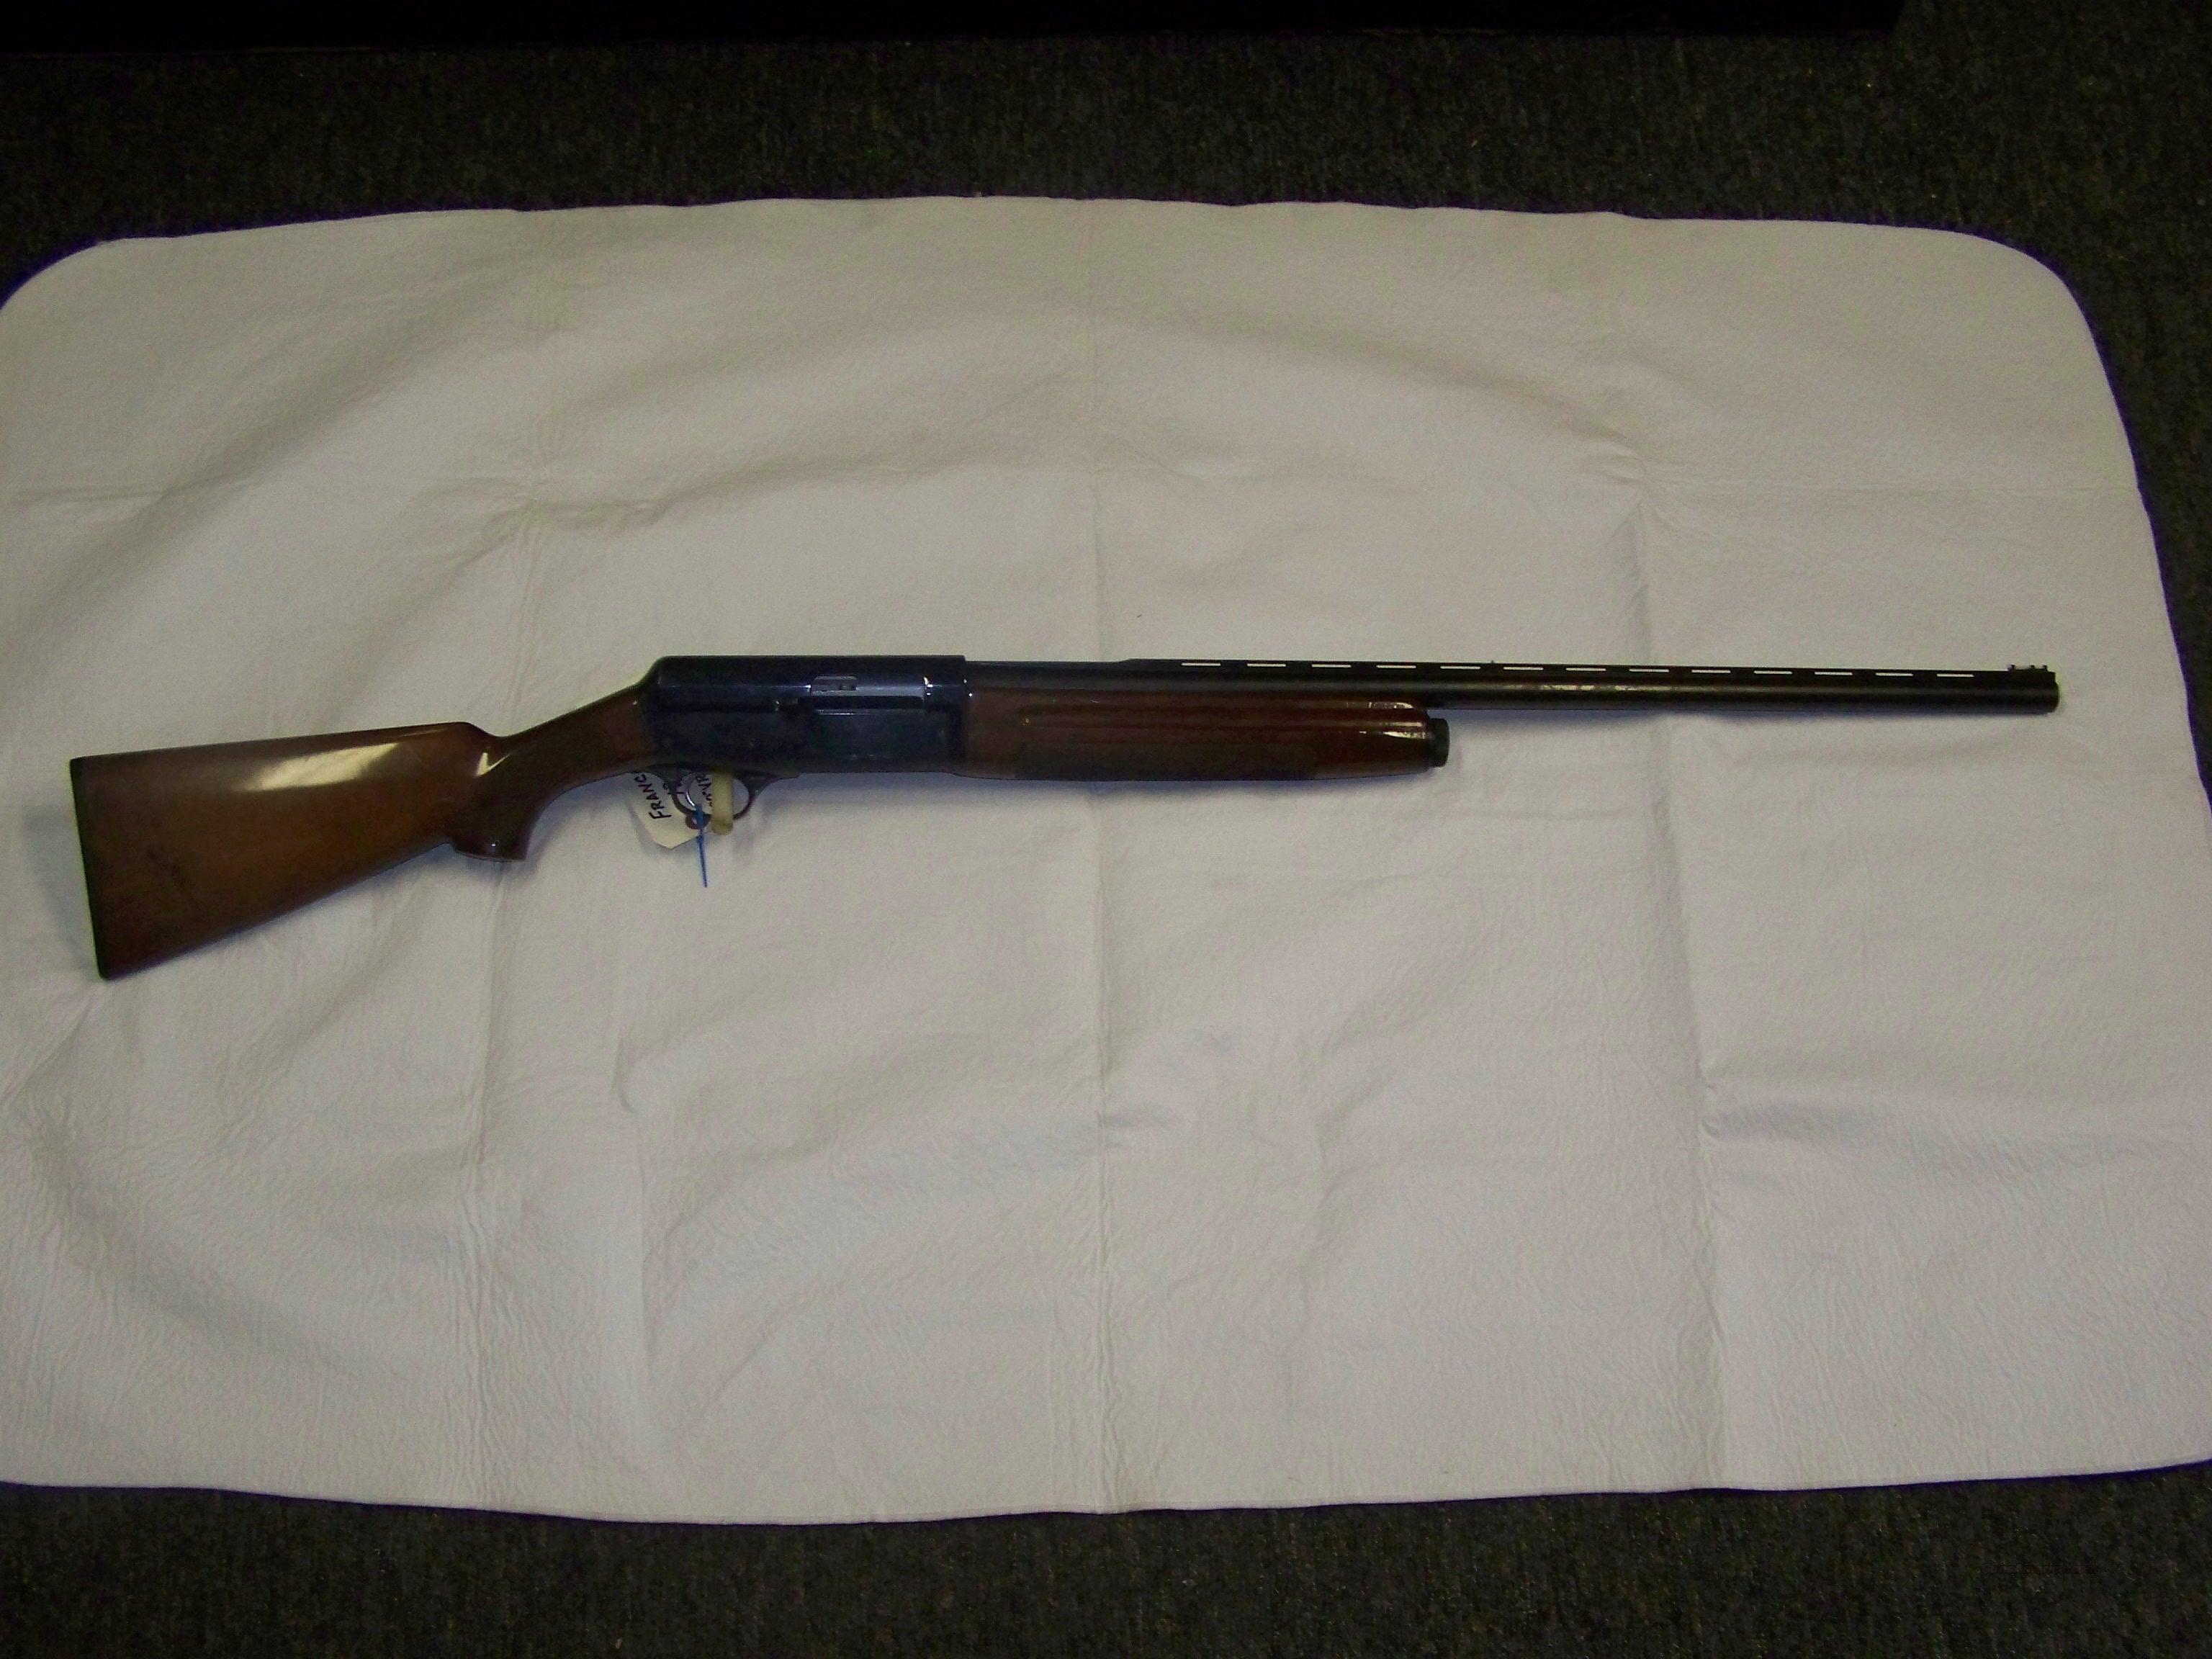 Franchi  12 ga.   Guns > Shotguns > Franchi Shotguns > Auto/Pump > Hunting